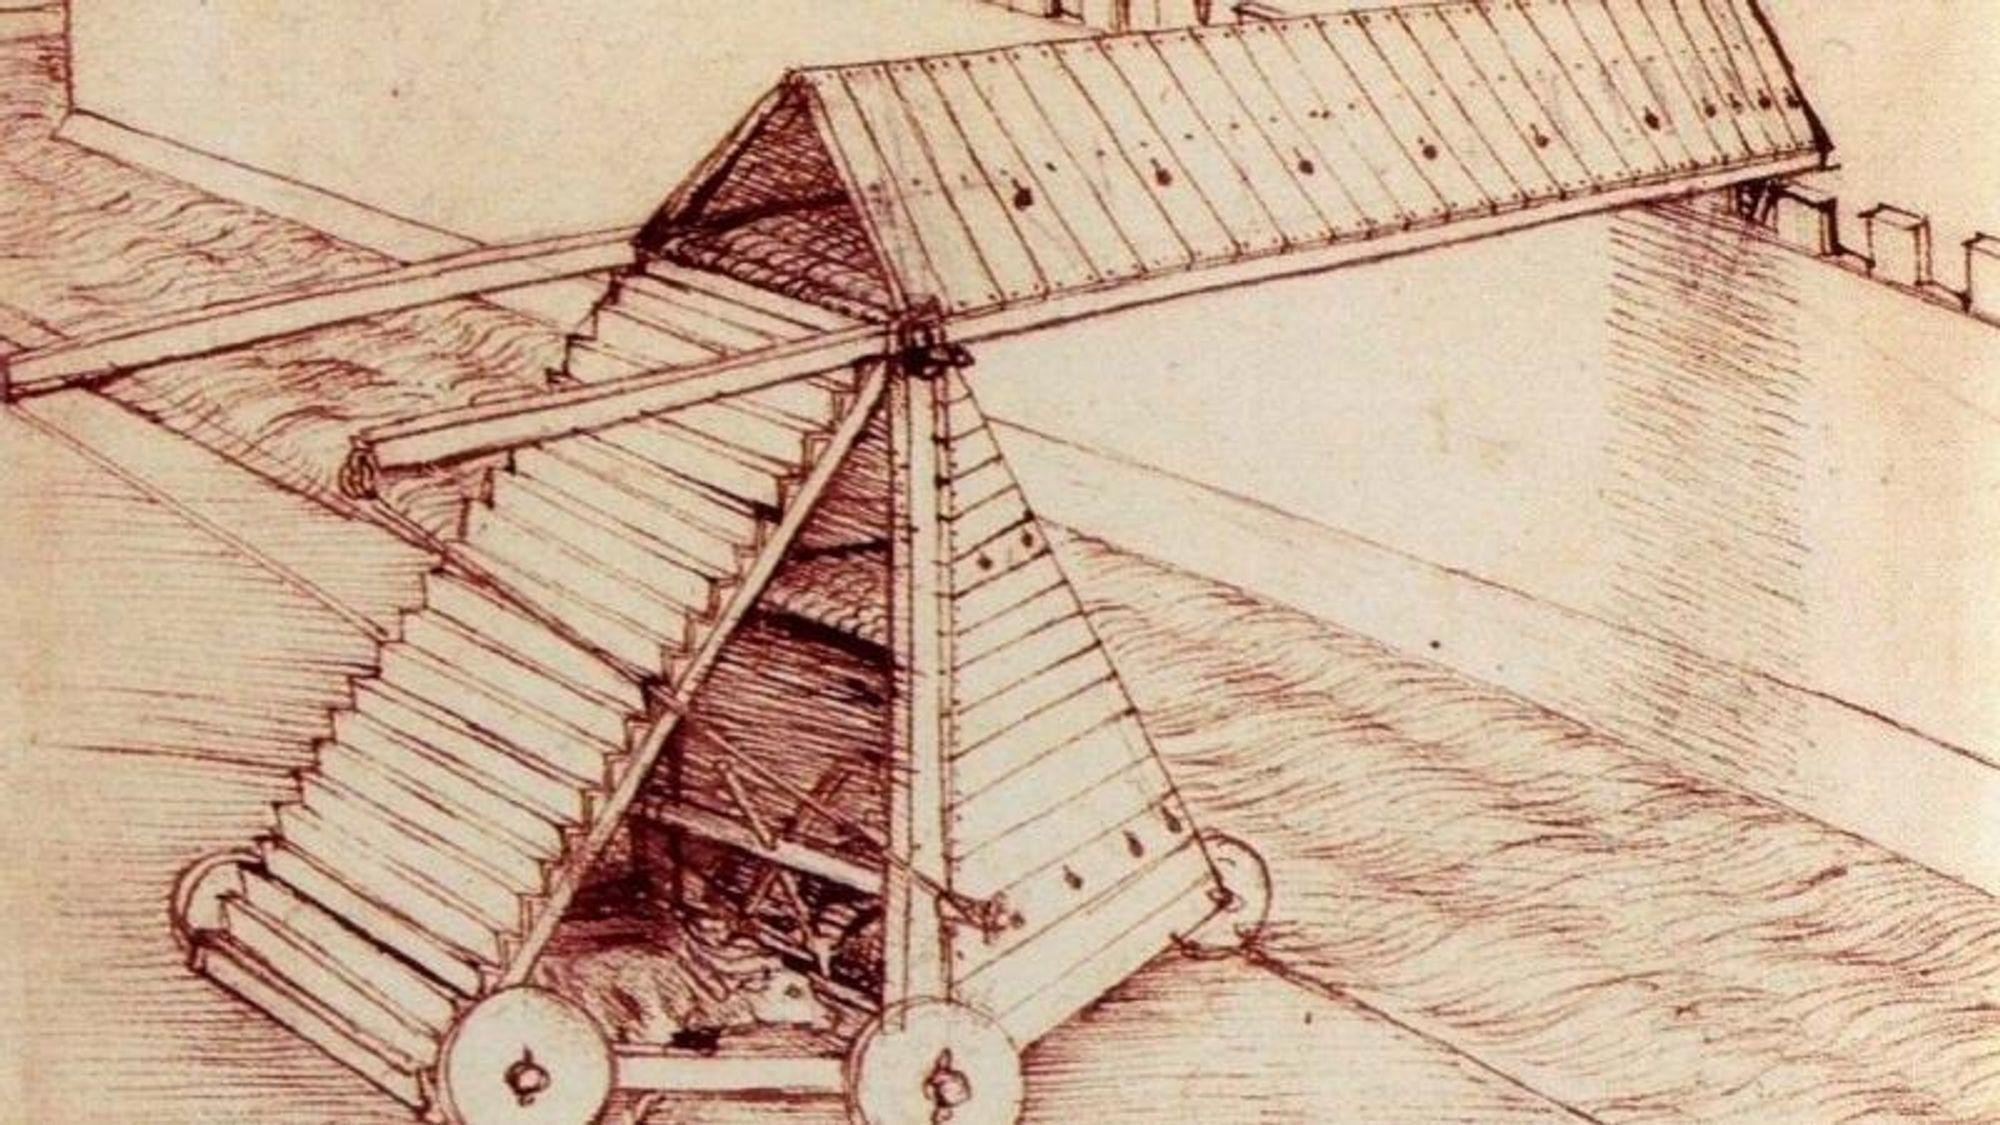 Leonardo framhevet gjerne kunnskapen sin om maskiner til krigføring. Her er en skisse fra ca. 1481 av en konstruksjon som skulle brukes i forbindelse med beleiringer.